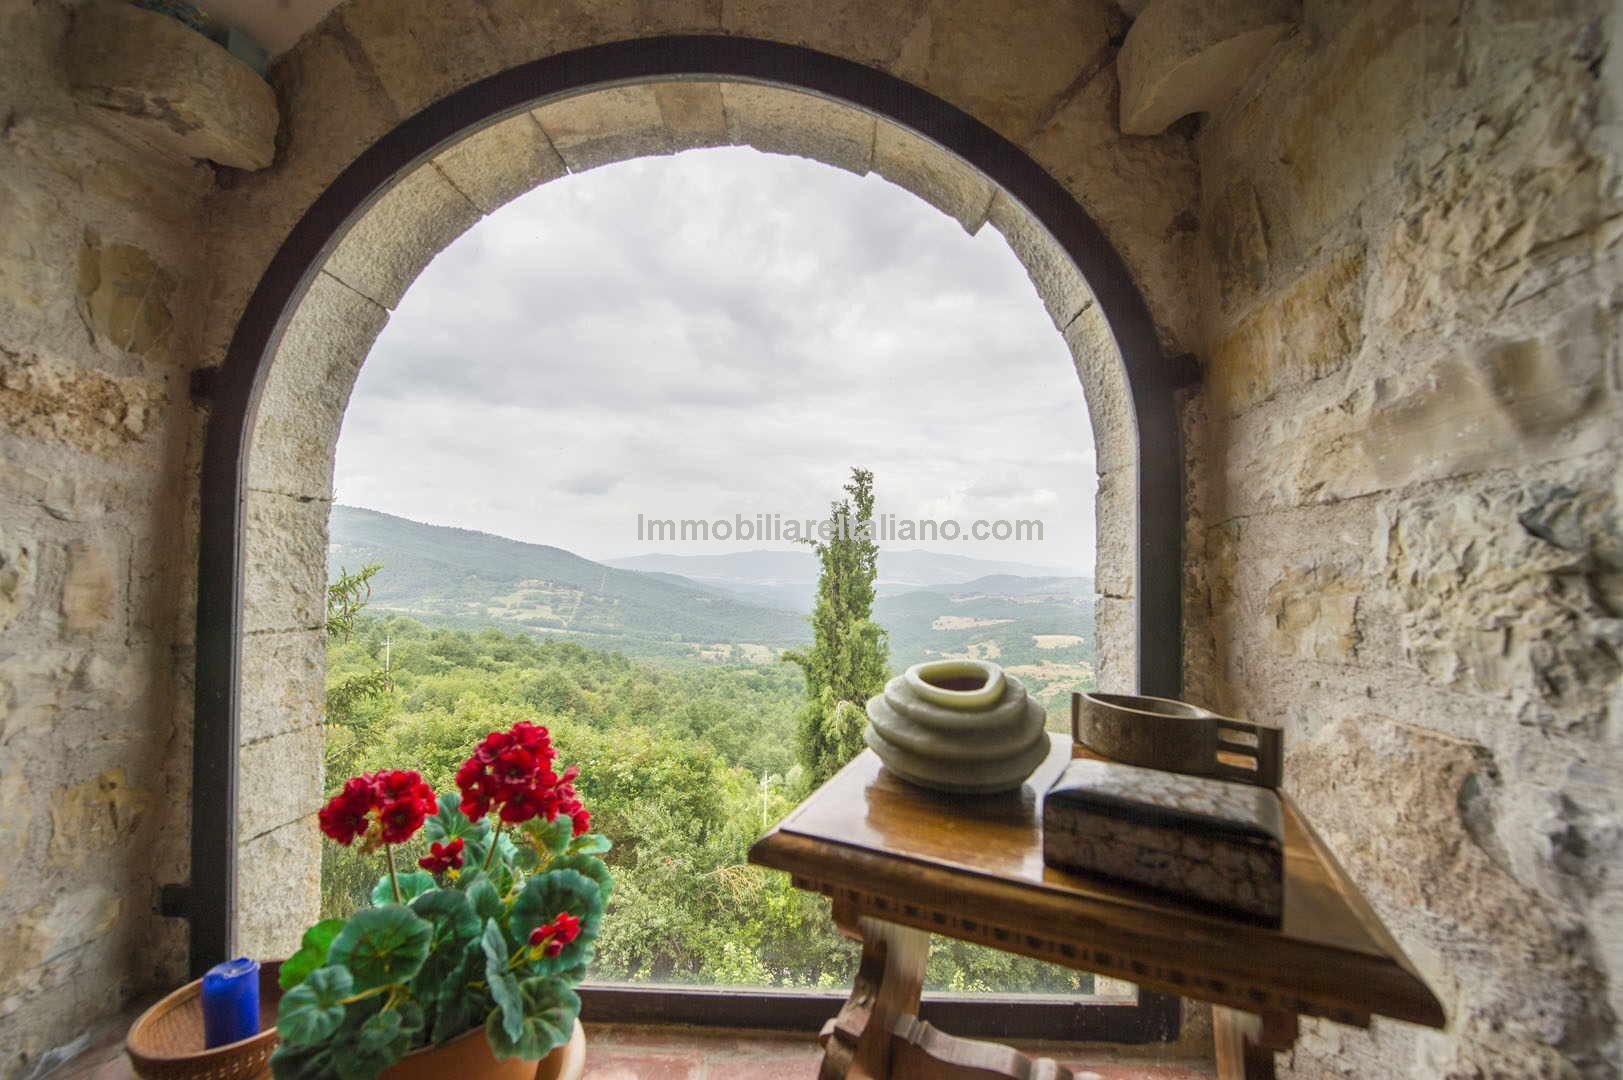 2 Bed Apartment Property Medieval Hamlet Piegaro Perugia Umbria